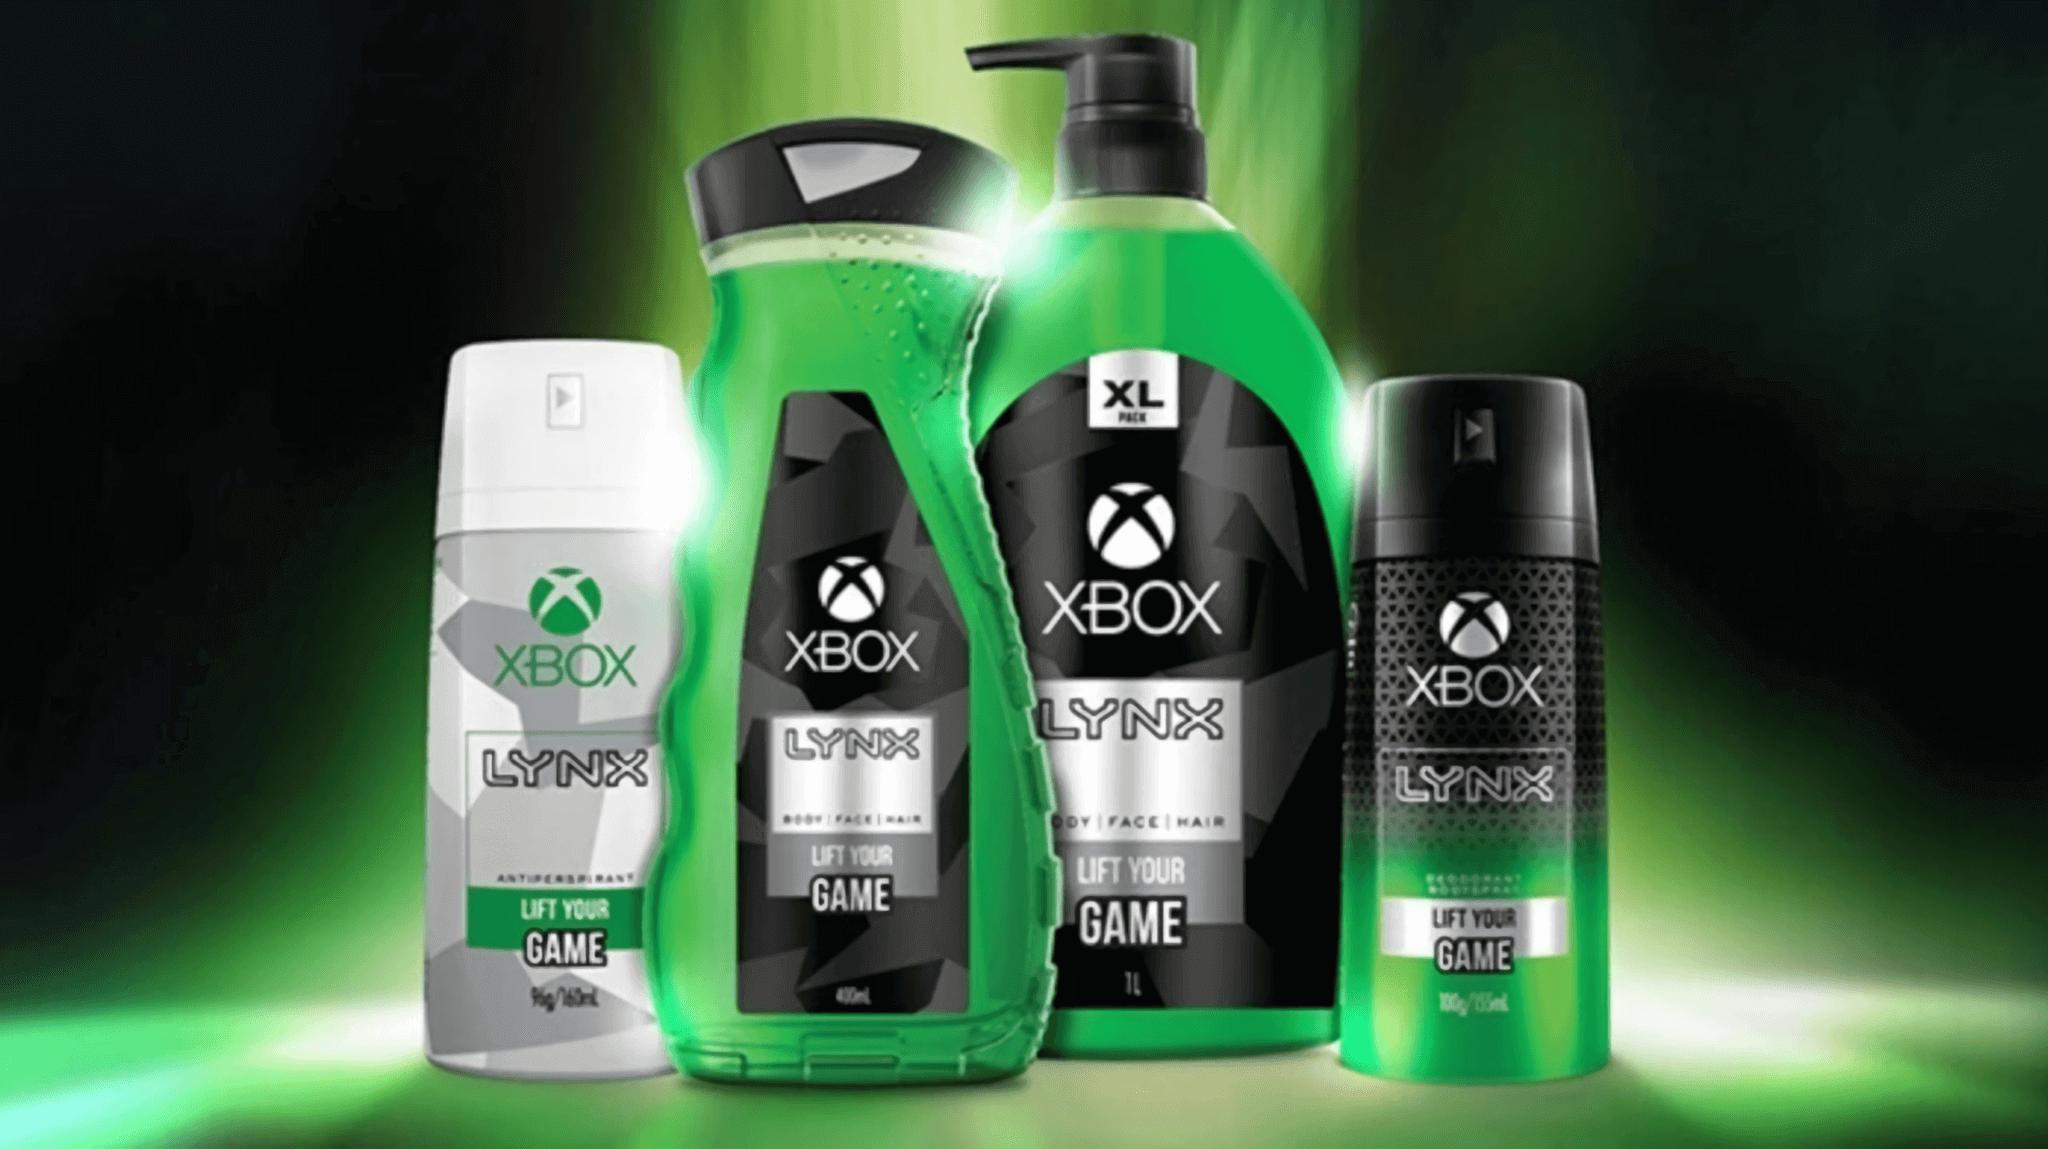 Miroși a XBOX la propriu! Compania își lansează propriile produse de igienă personală